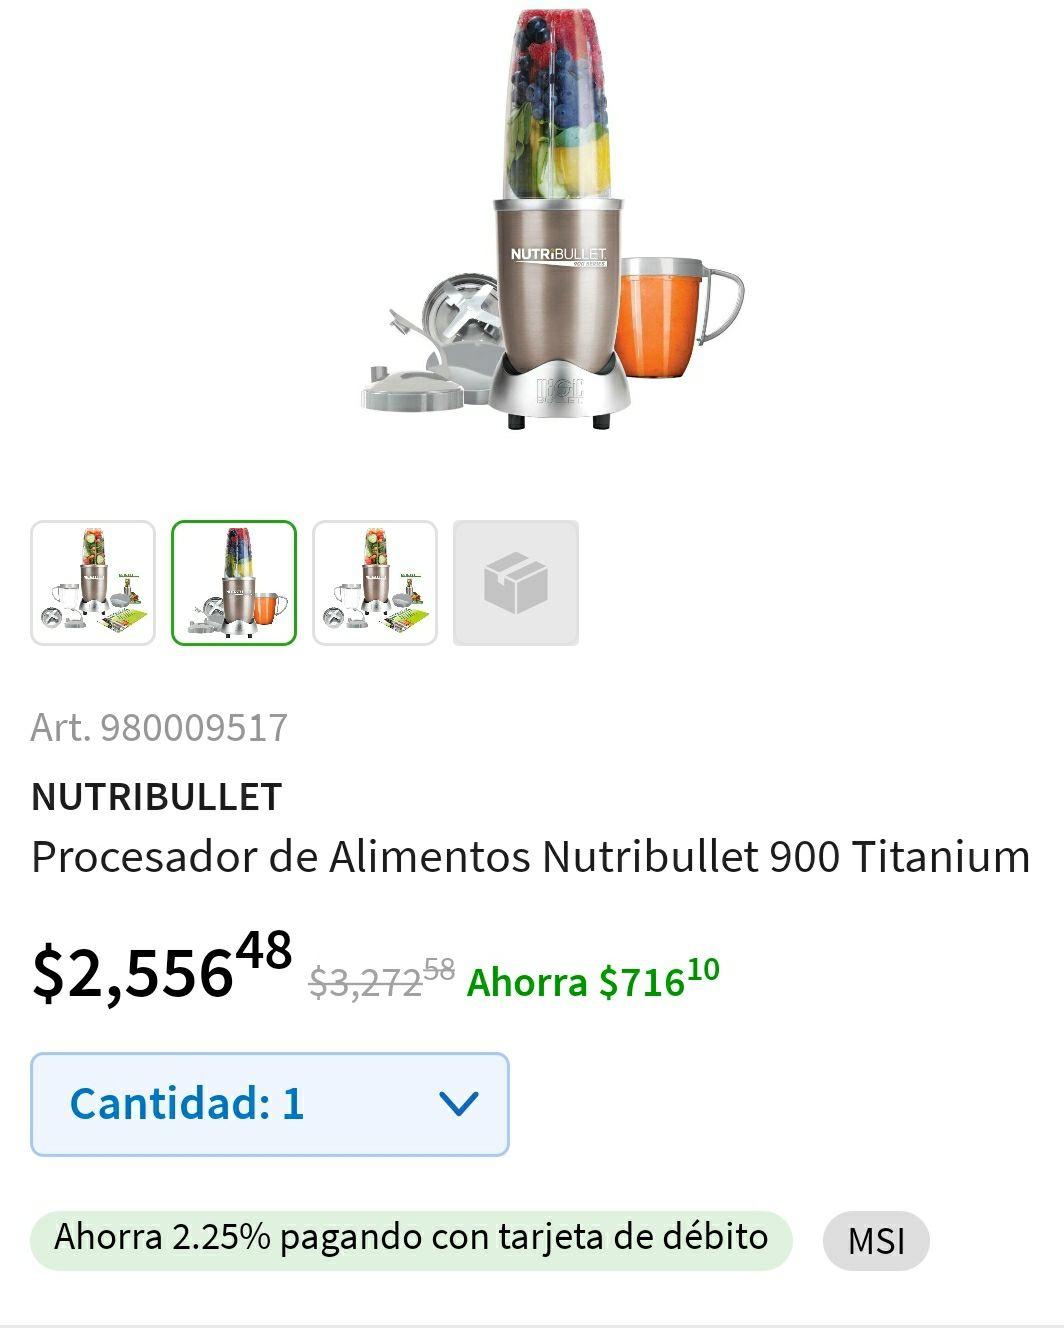 Sam's Club: Nutribullet 900w, $2556 .Descuento de $700